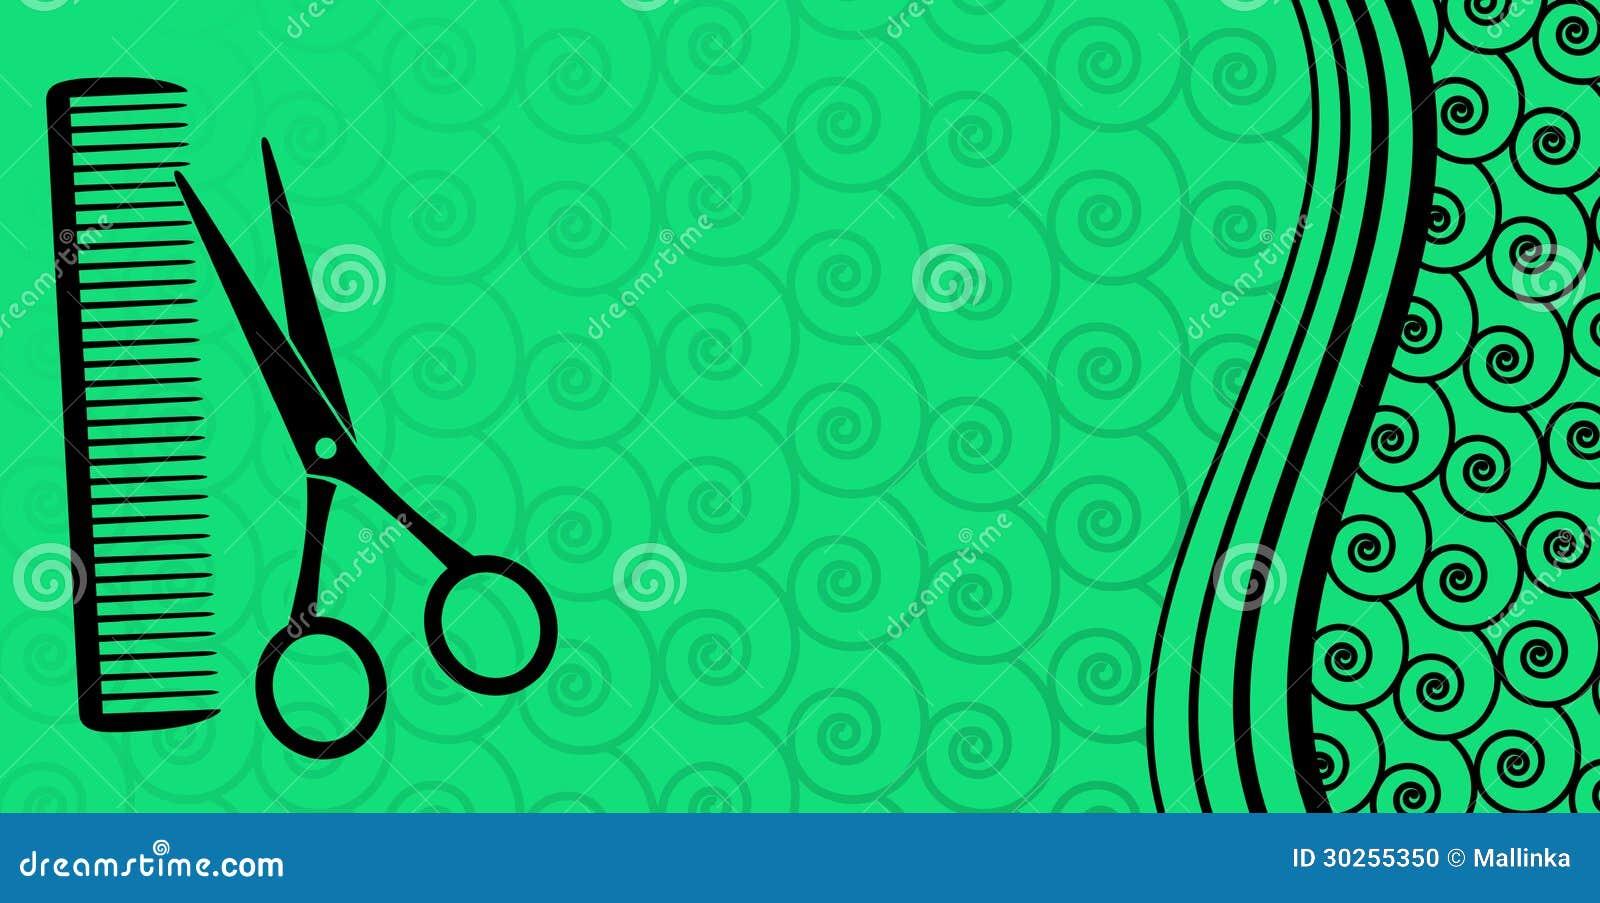 Famosos Tesouras Verdes Símbolo Do Salão De Beleza E ícone Do Logotipo  UU36